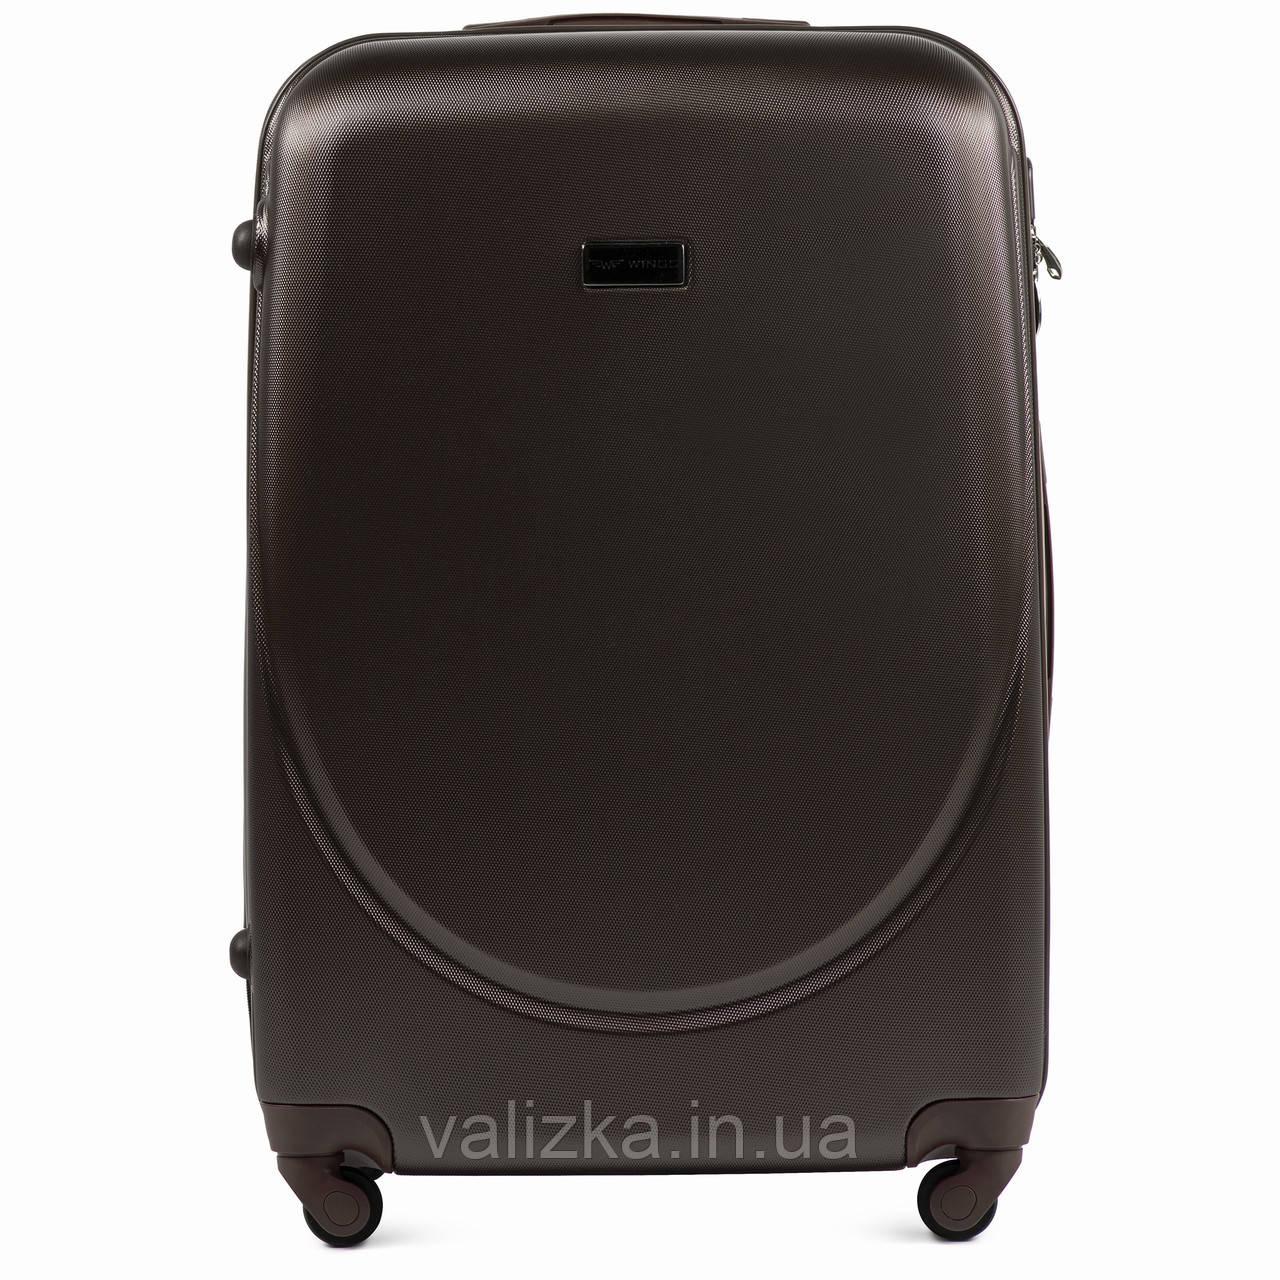 Большой пластиковый чемодан с фурнитурой в цвет кофейный